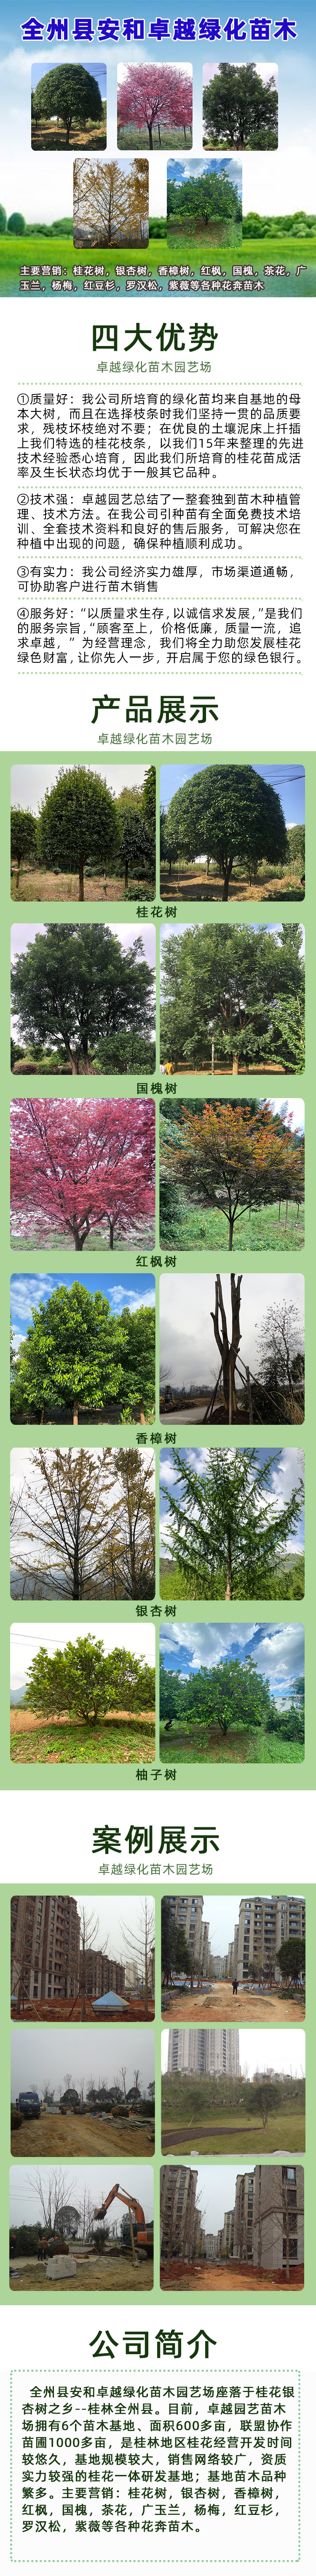 1019 全州县安和卓越绿化苗木园艺场.jpg